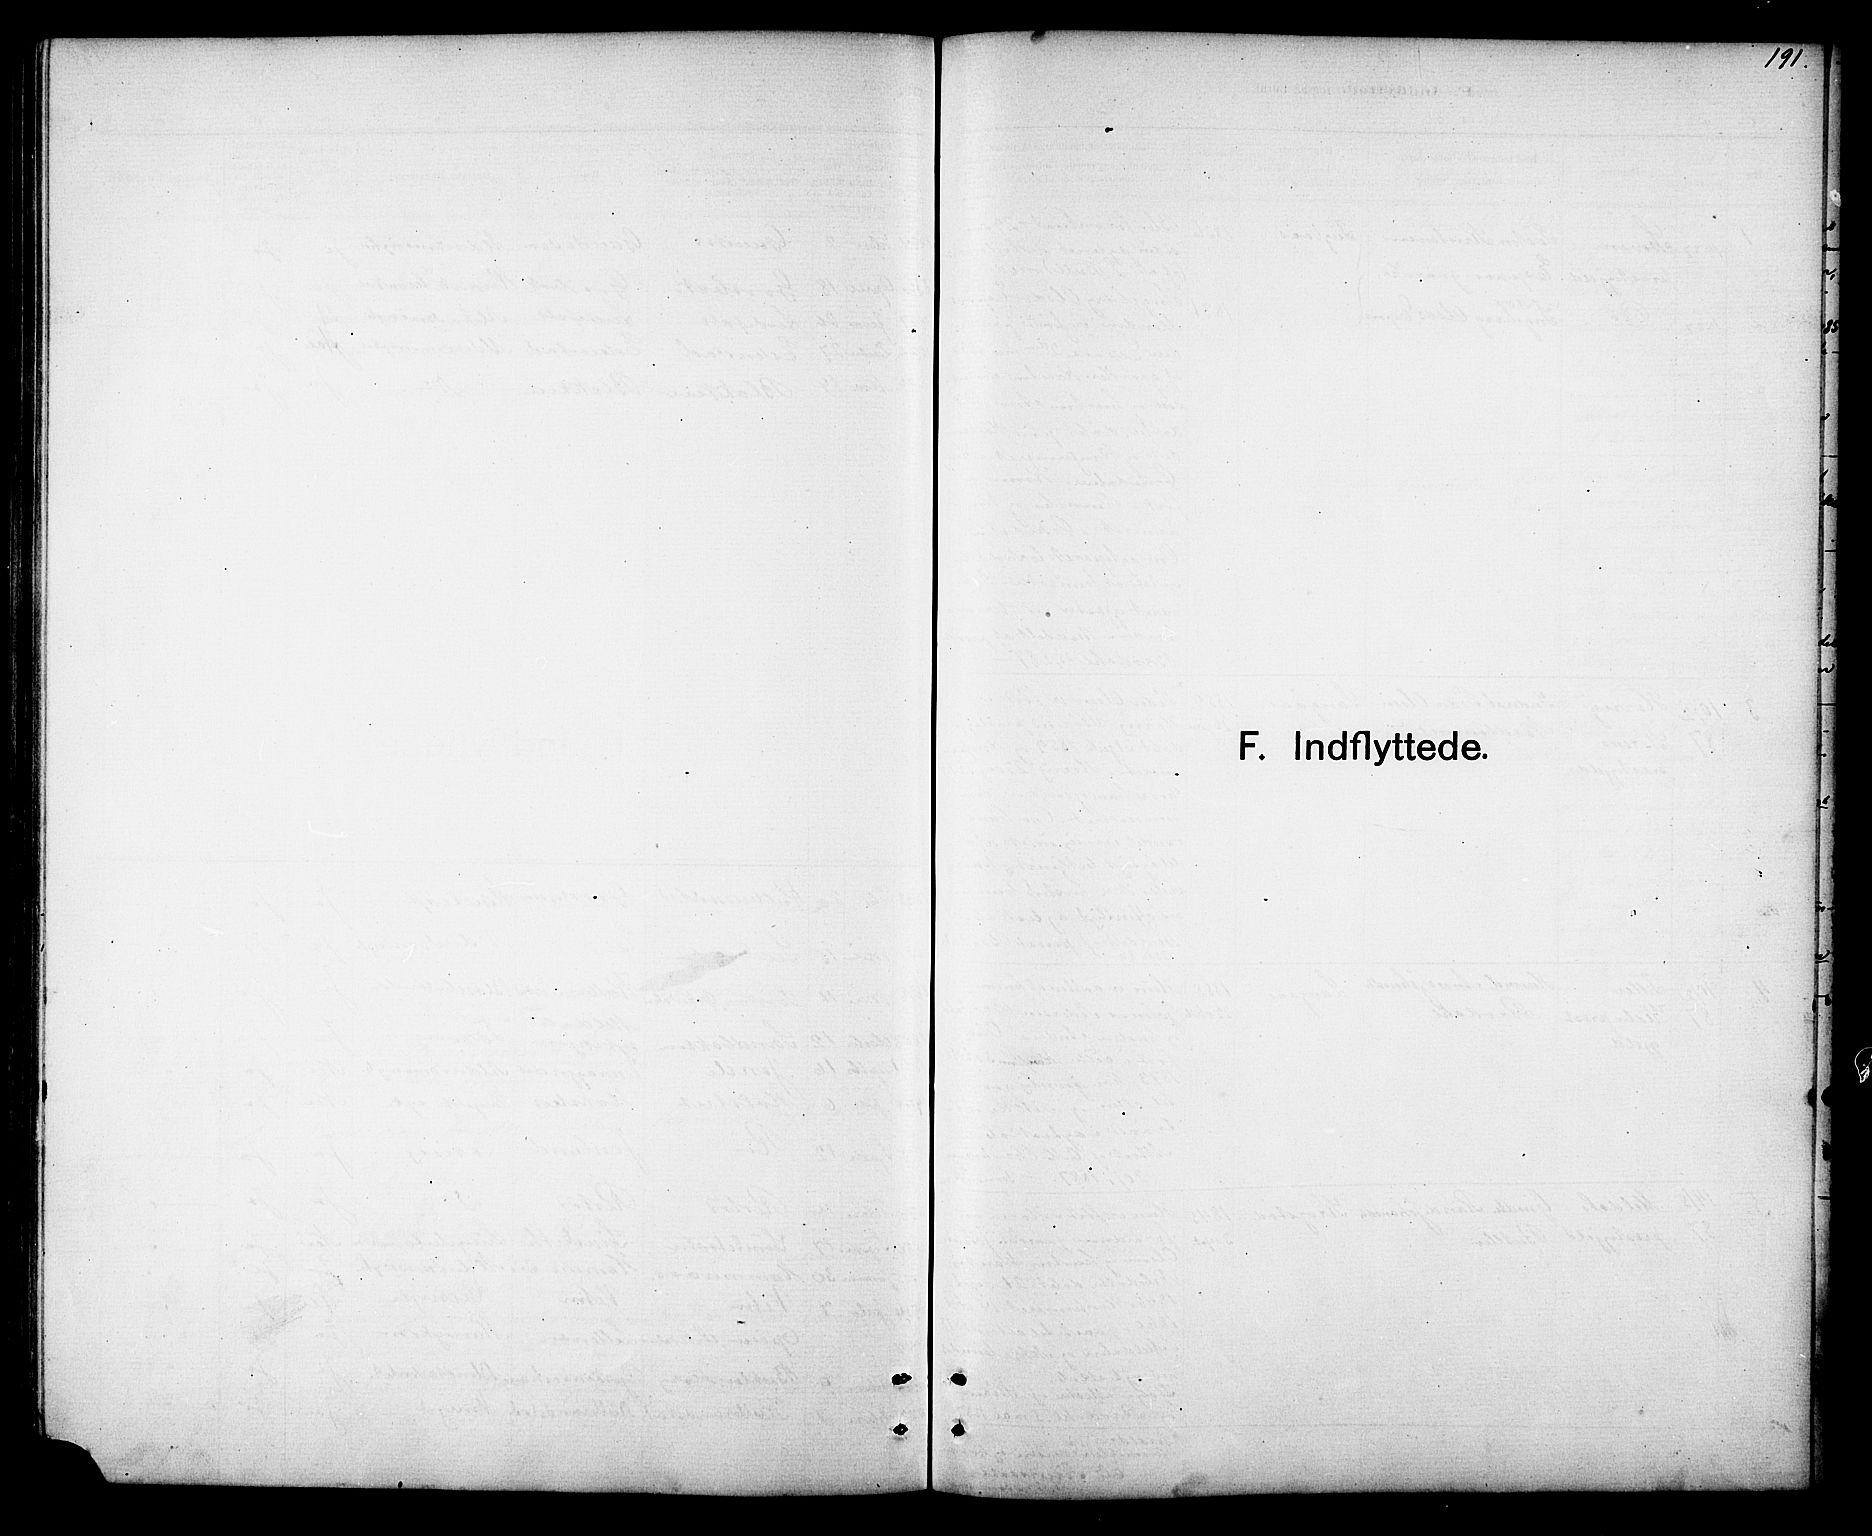 SAT, Ministerialprotokoller, klokkerbøker og fødselsregistre - Sør-Trøndelag, 694/L1132: Klokkerbok nr. 694C04, 1887-1914, s. 191